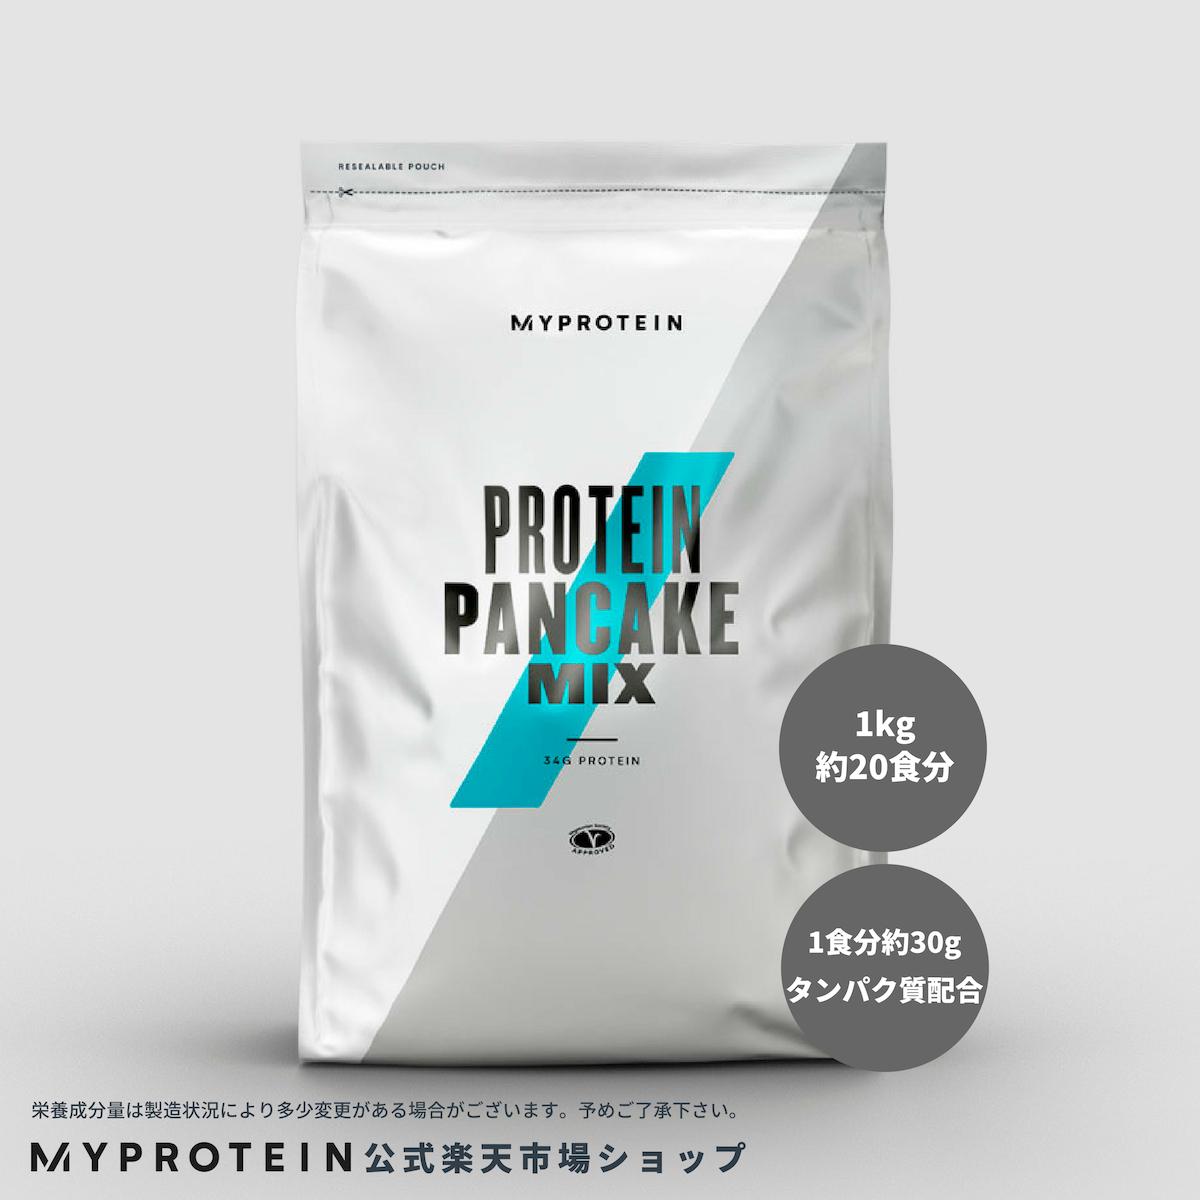 マイプロテイン 公式 【MyProtein】 プロテイン パンケーキミックス 1kg 約20食分| プロテインスナック ホットケーキミックス 低脂肪 高たんぱく質 高タンパク質【楽天海外直送】